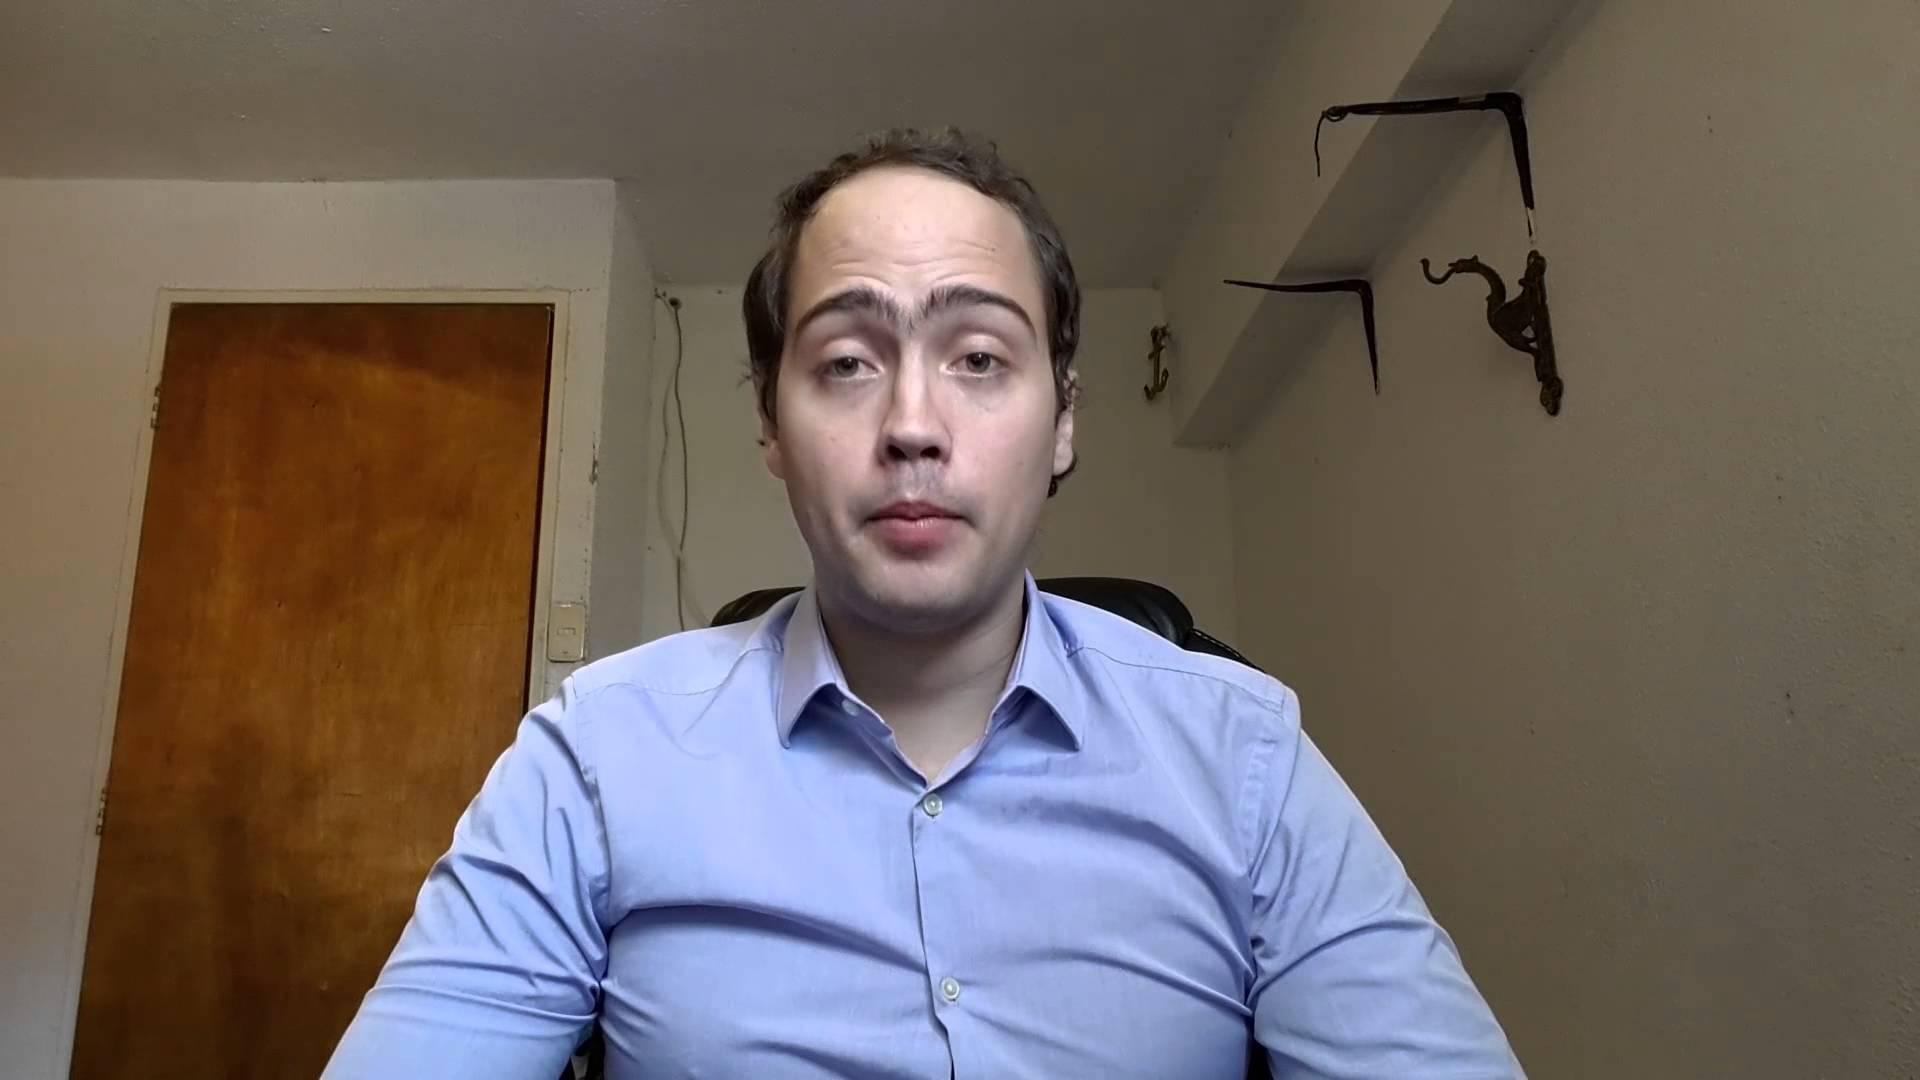 TESOL TEFL Video Testimonial – Luis